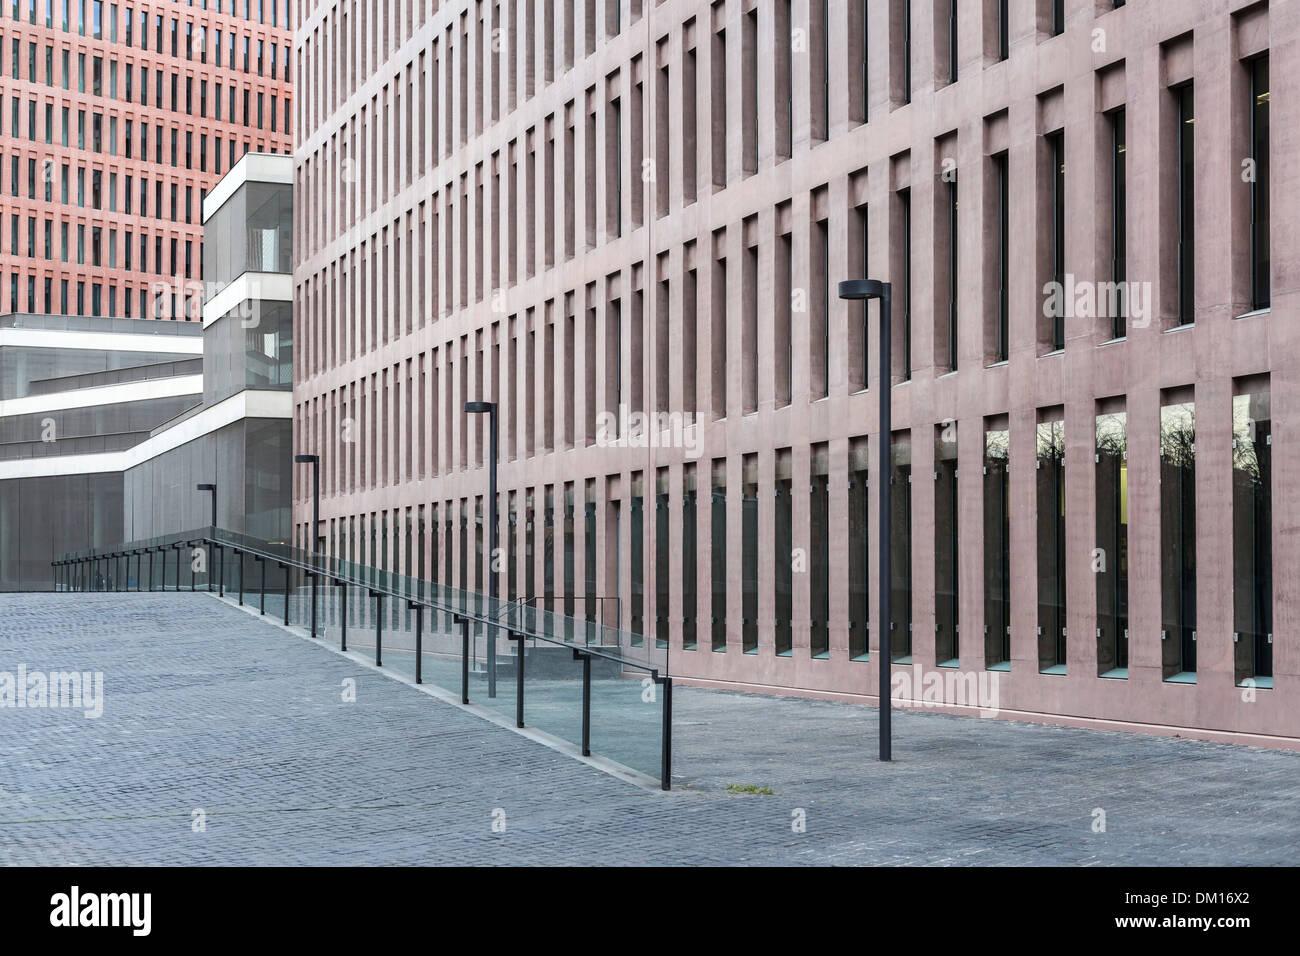 Ciutat de la Justícia de Barcelona i l´Hospitalet.Designed by David Chipperfield and Fermín Vázquez. - Stock Image